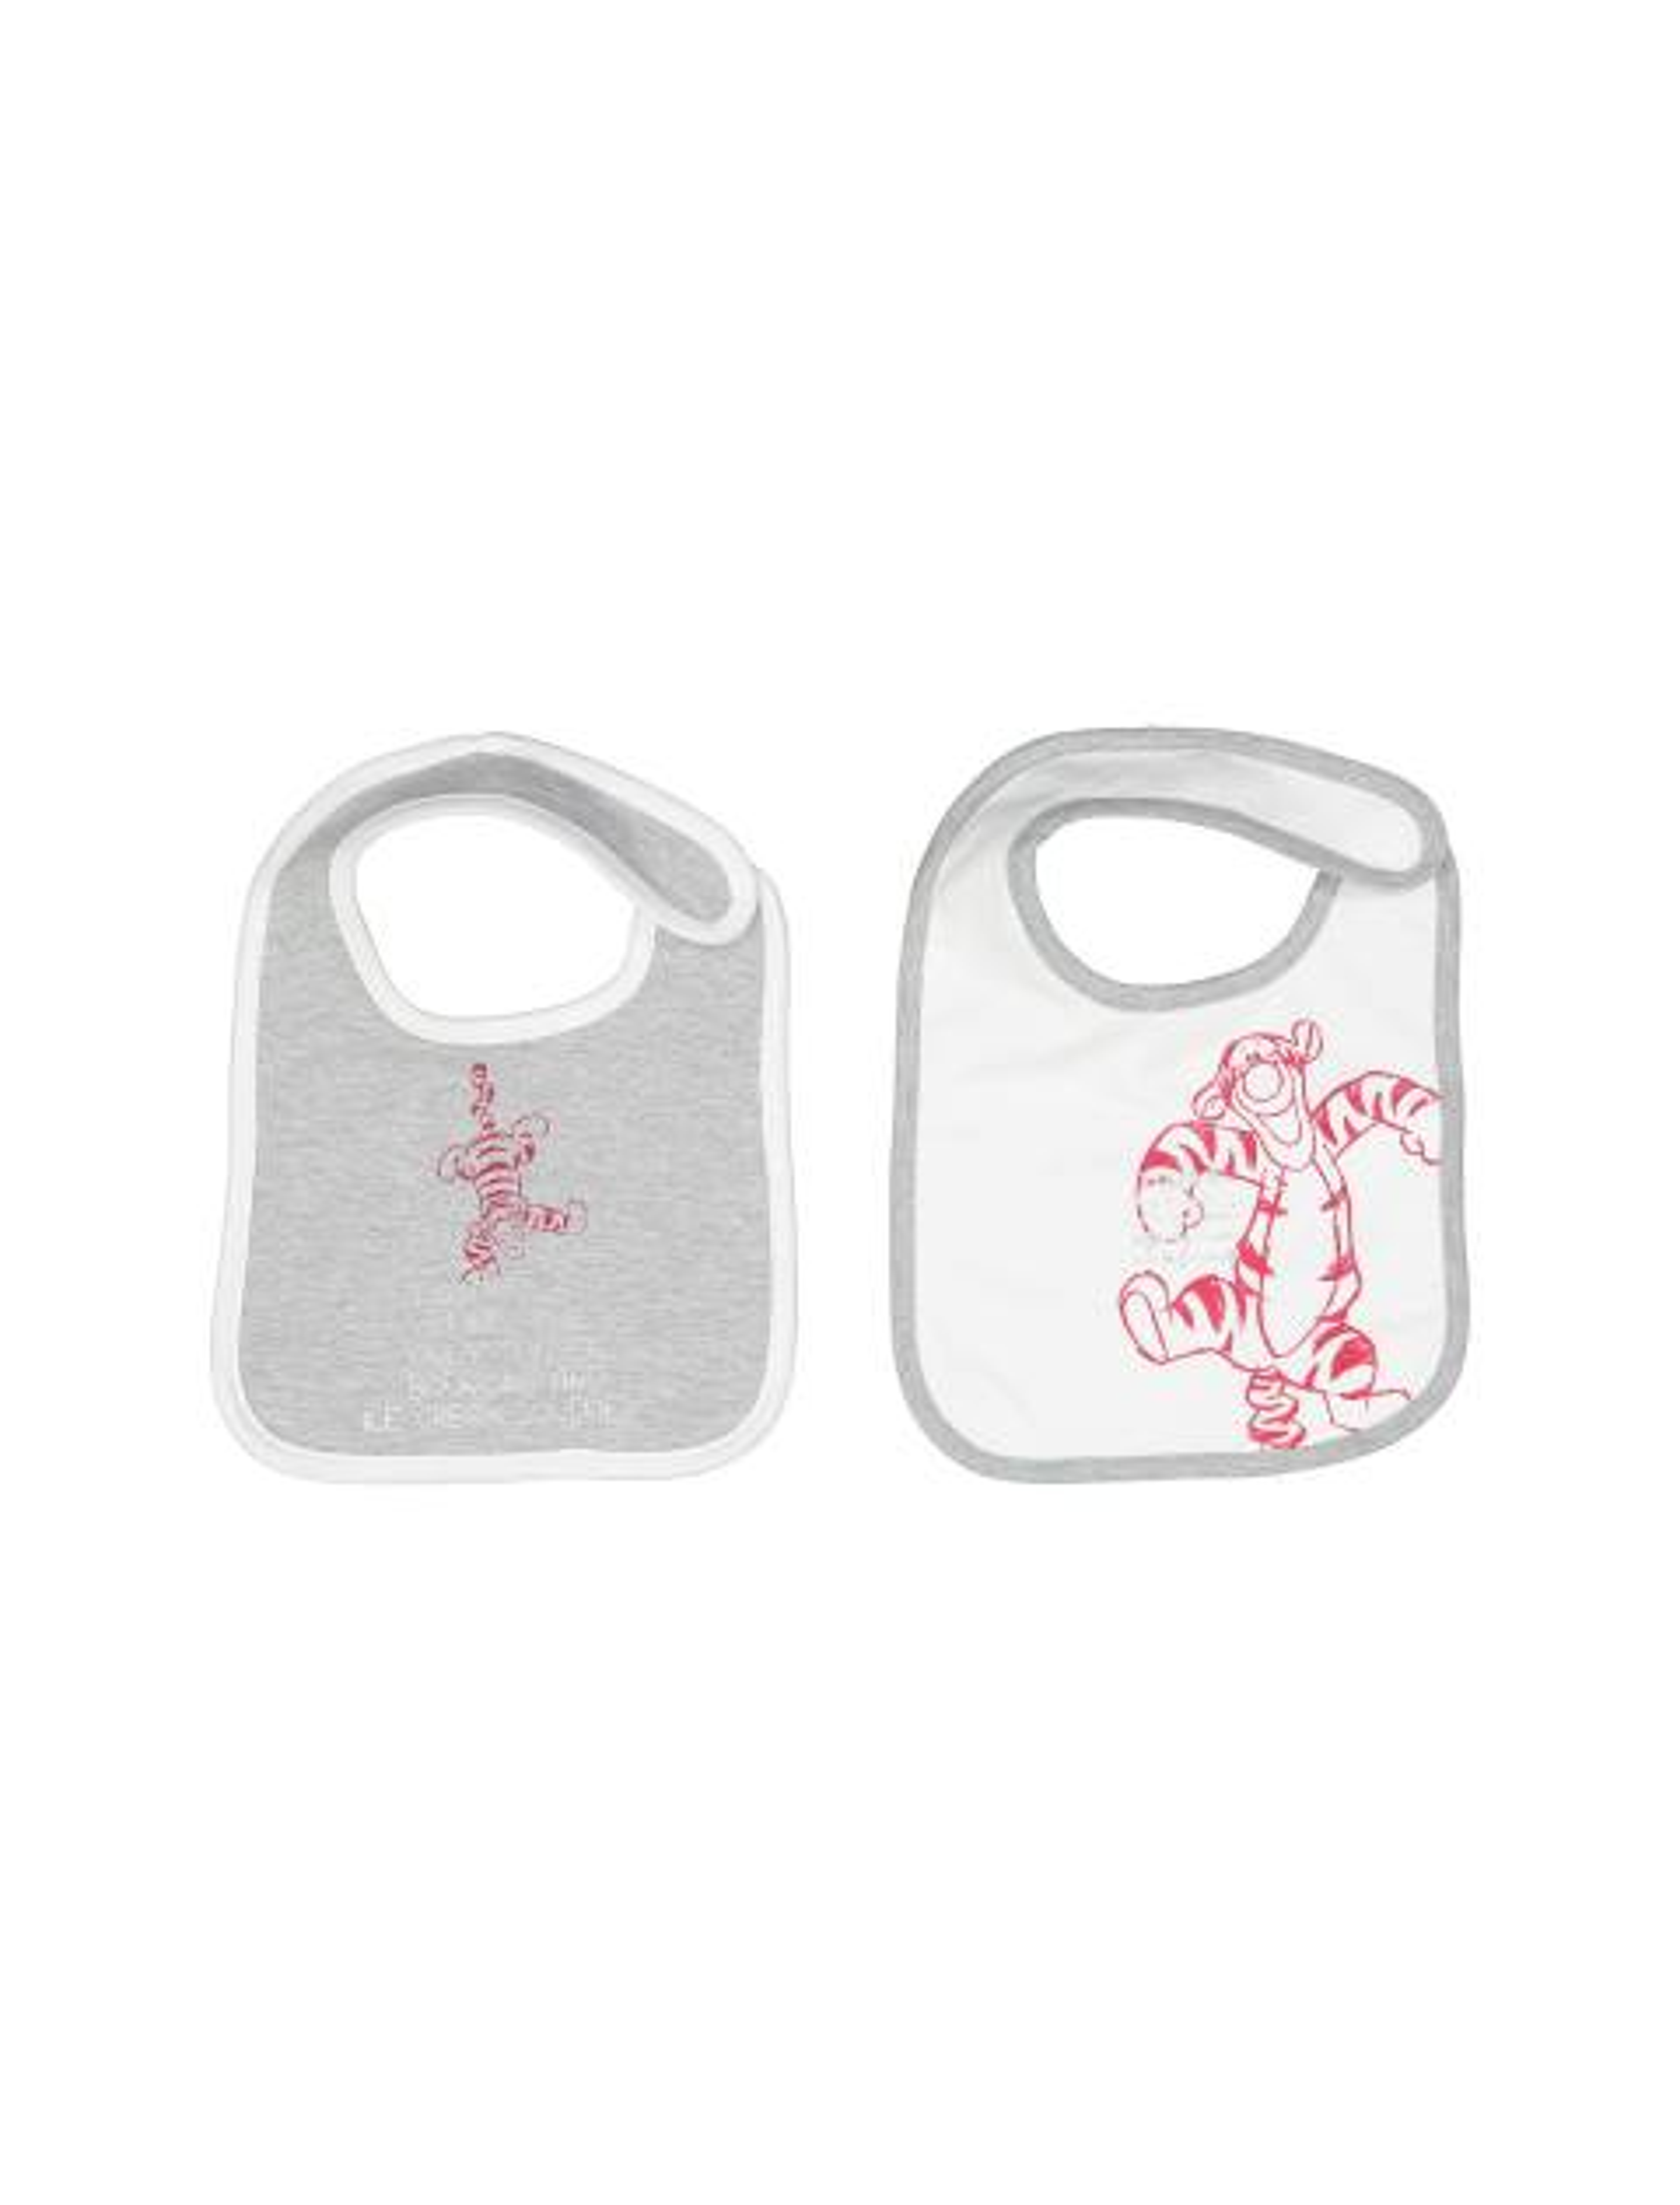 پیش بند نخی نوزادی بسته 2 عددی - طوسي و سفيد - 1